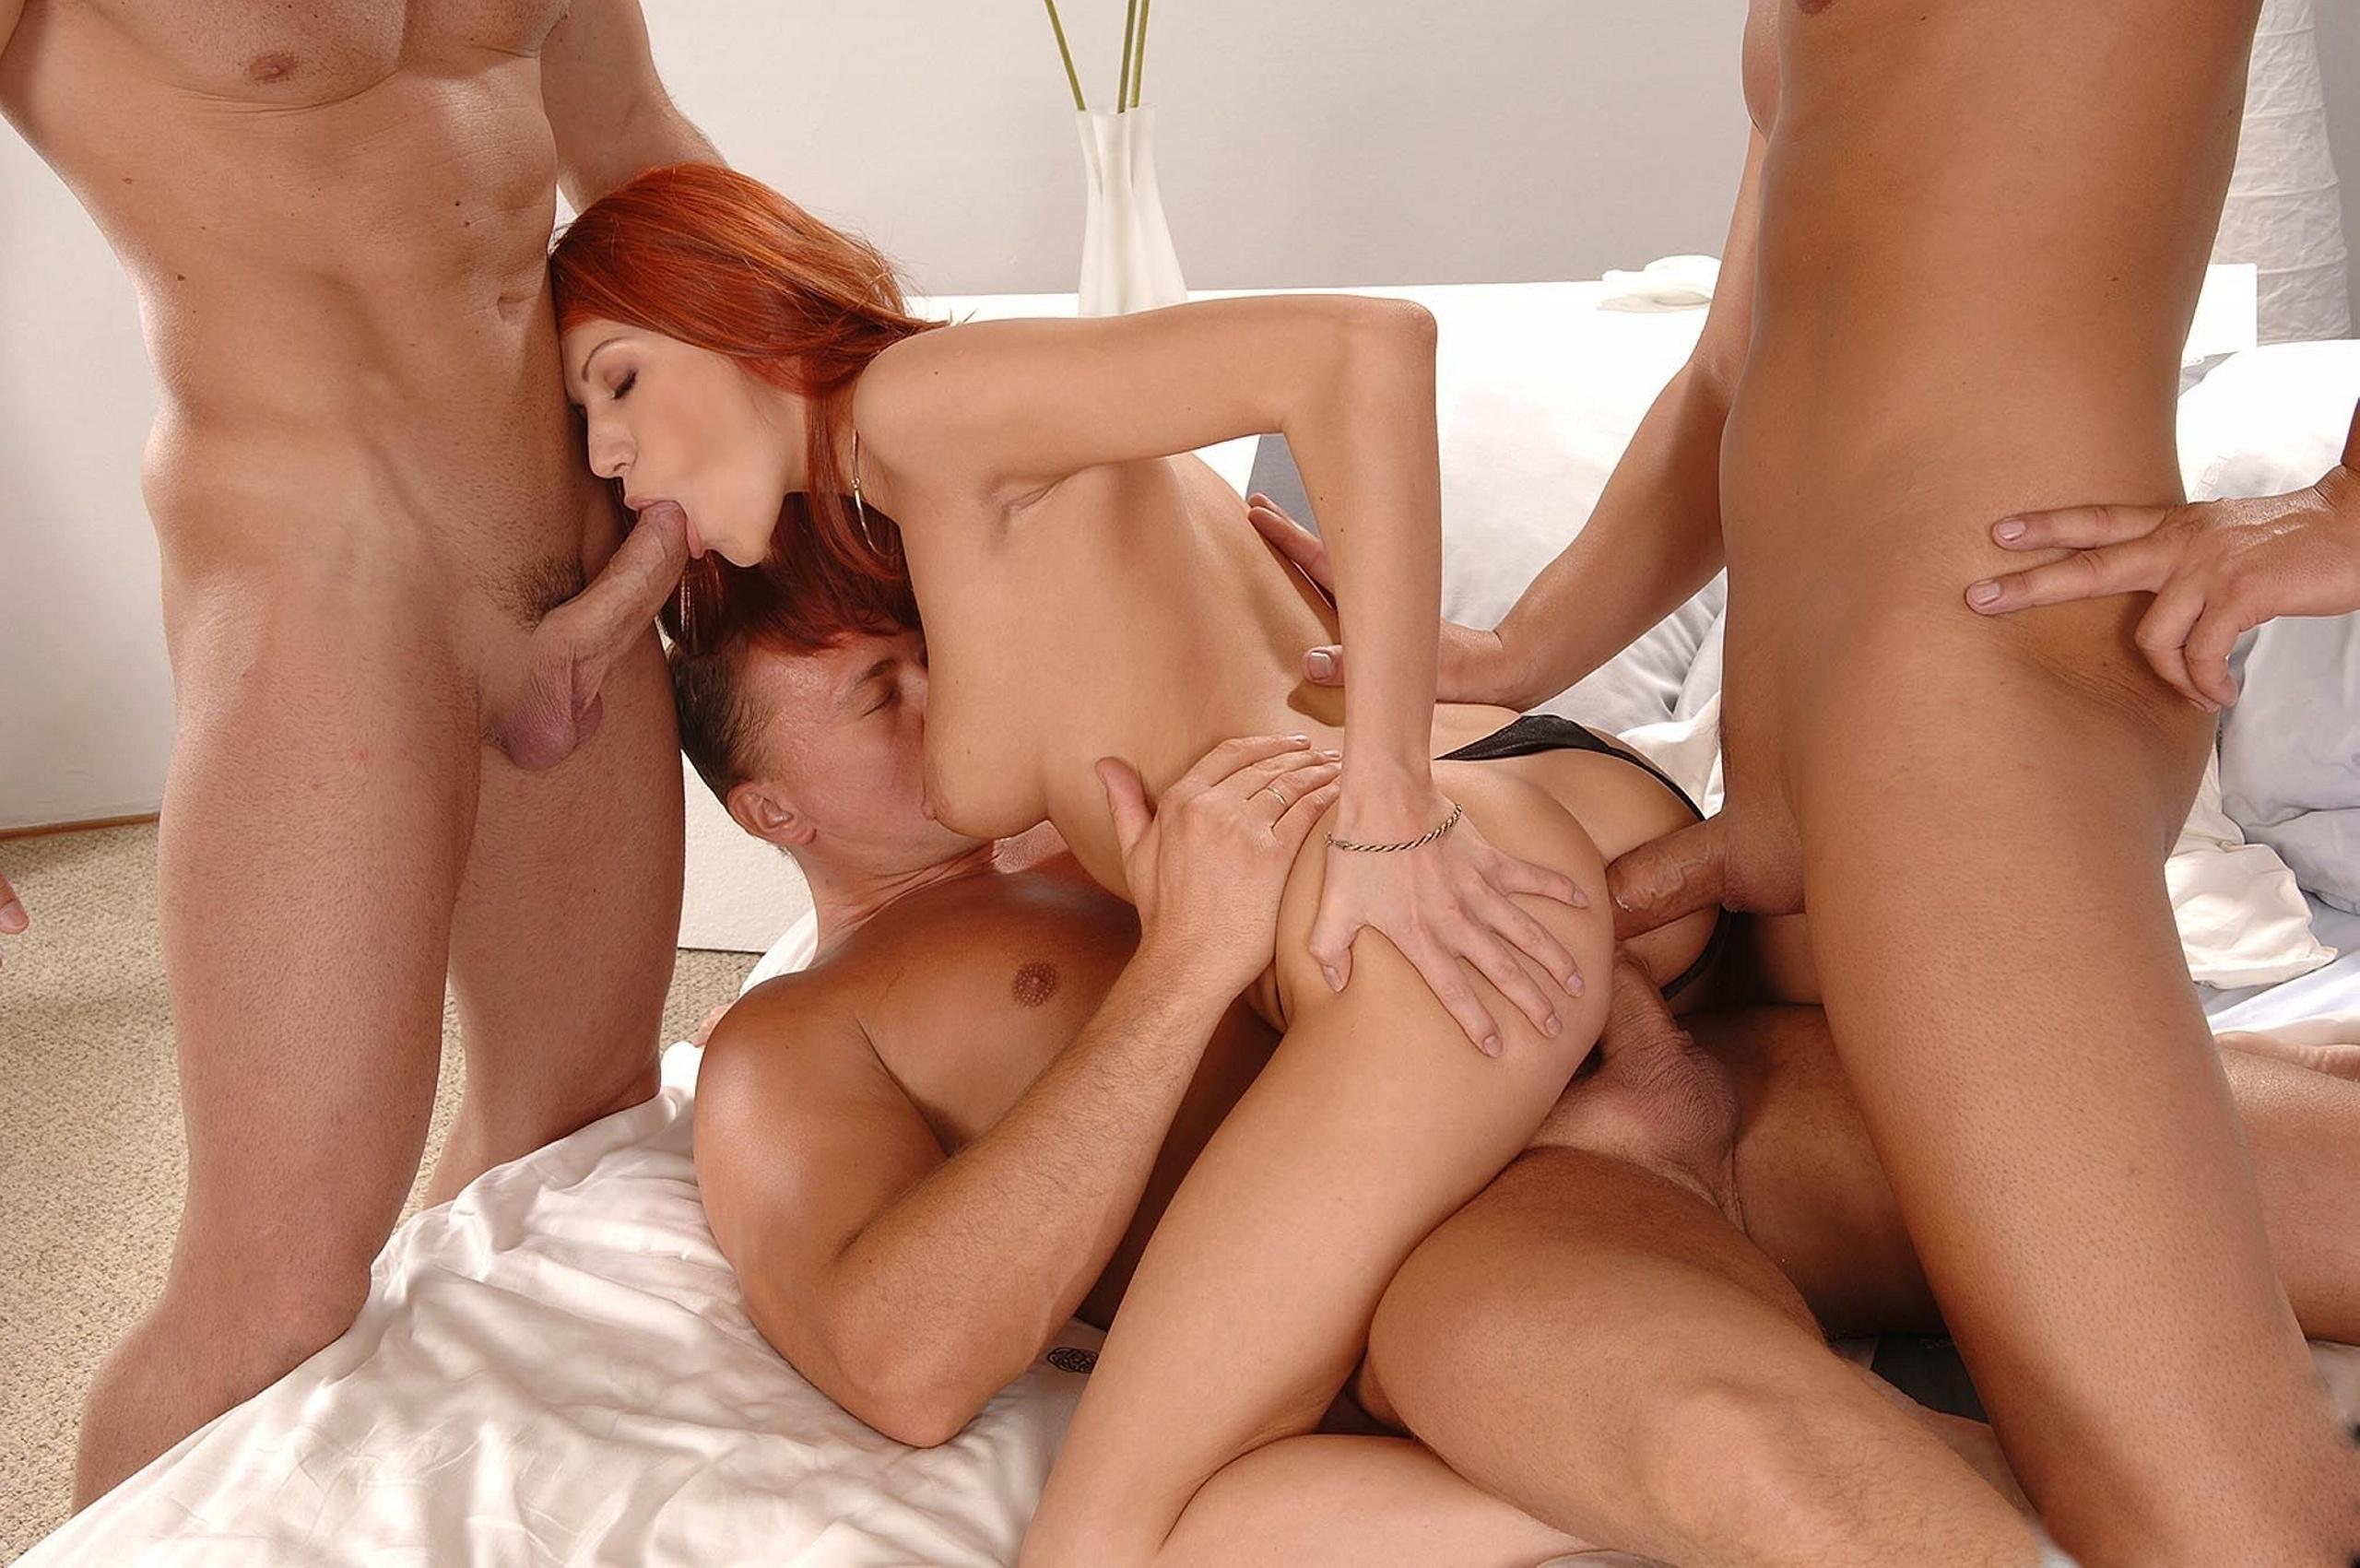 мжм групповой секс фото № 63683 бесплатно